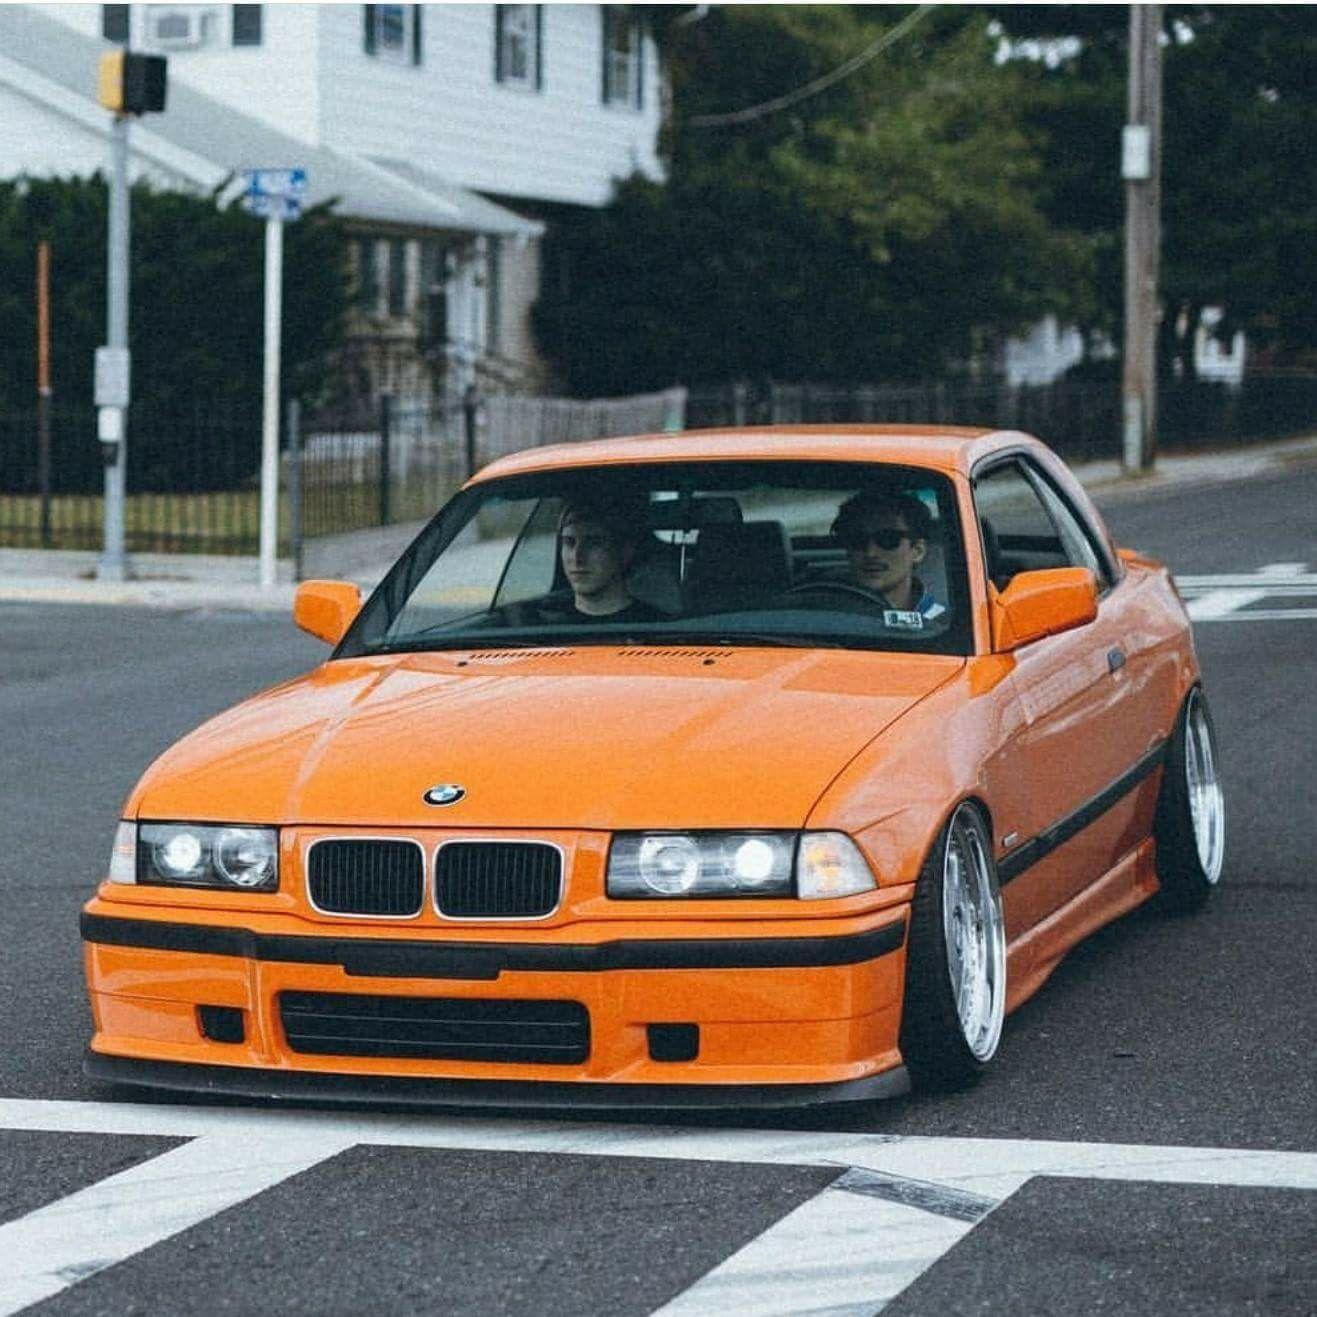 bmw e36 3 series cabrio orange bmw bmw autos bmw y autos. Black Bedroom Furniture Sets. Home Design Ideas